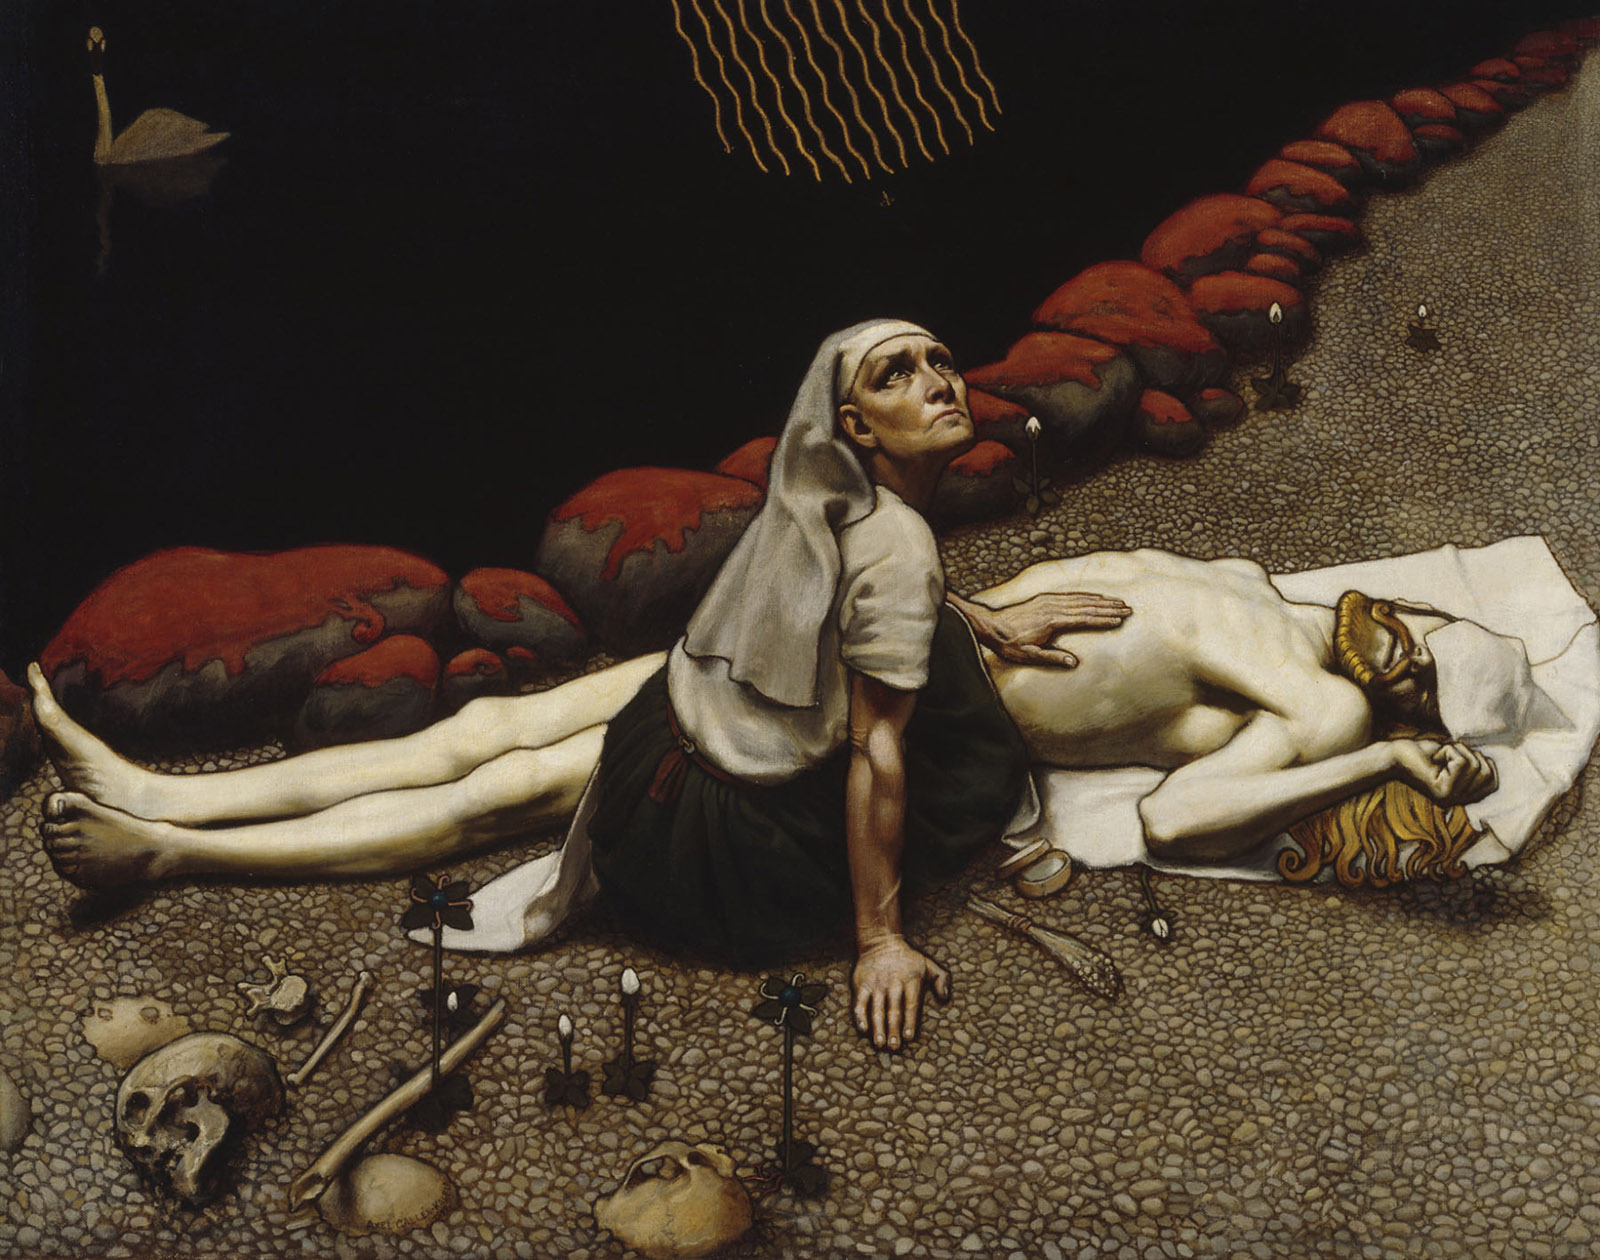 Lemminkäinen's Mother; painting by Akseli Gallen-Kallela